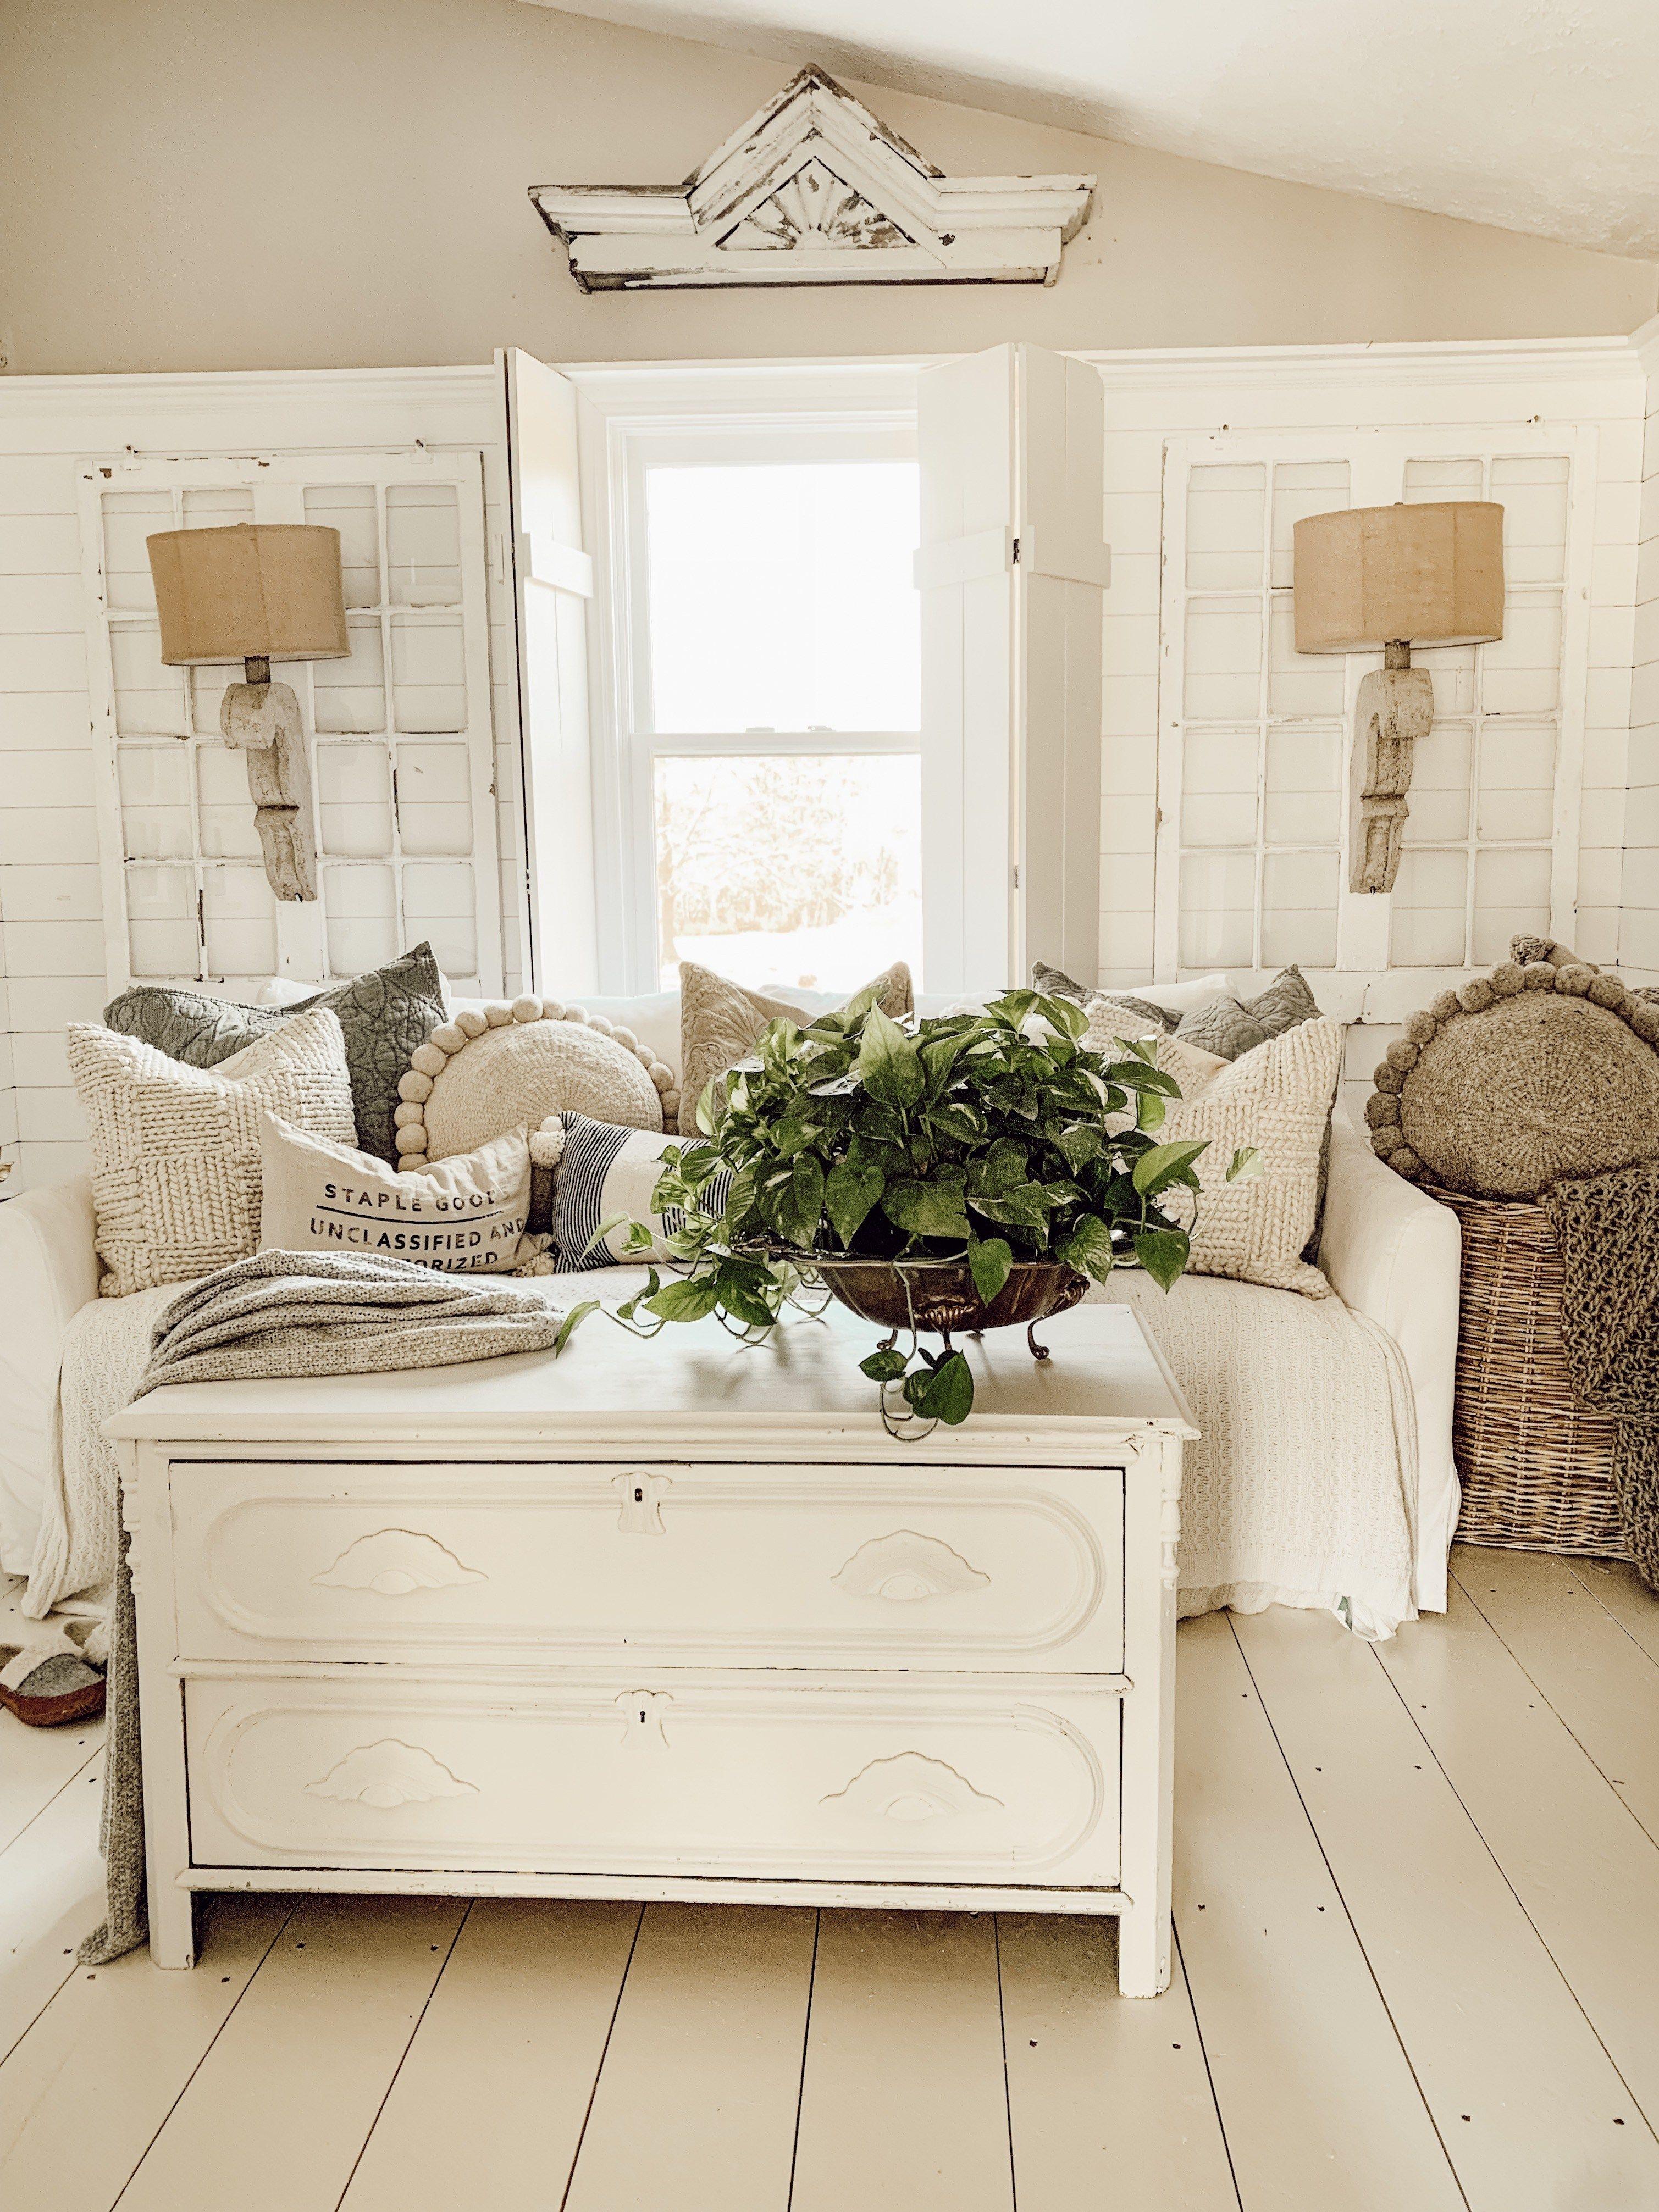 Home Decor Inspiration, Home Decor